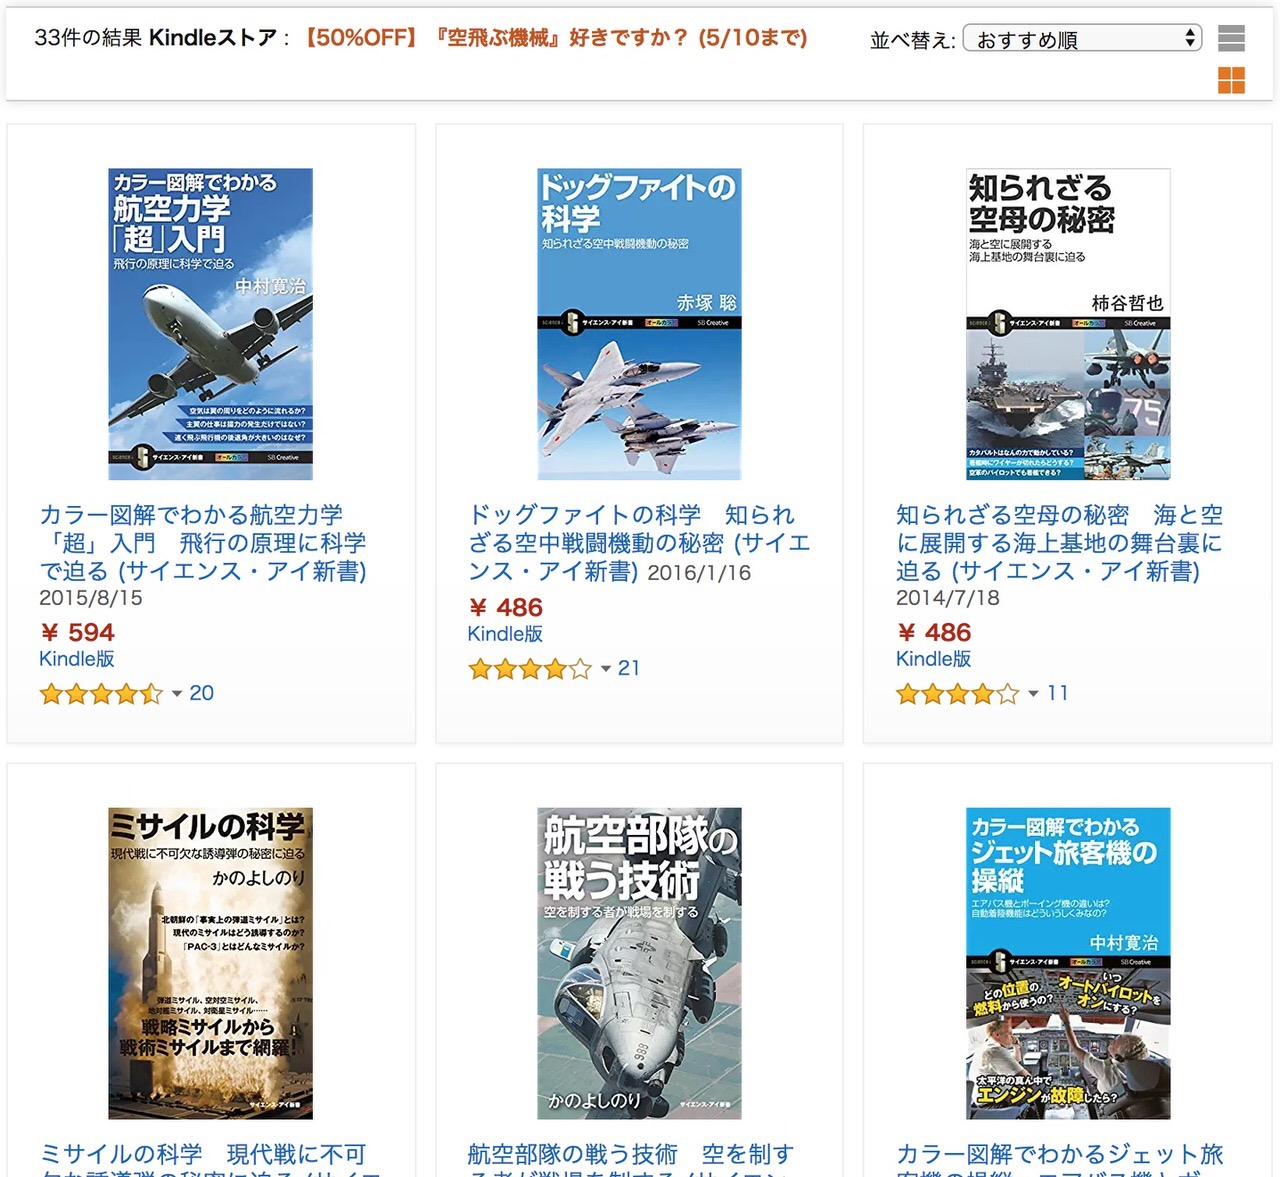 【Kindleセール】50%OFF「空飛ぶ機械」好きですか?(5/10まで)